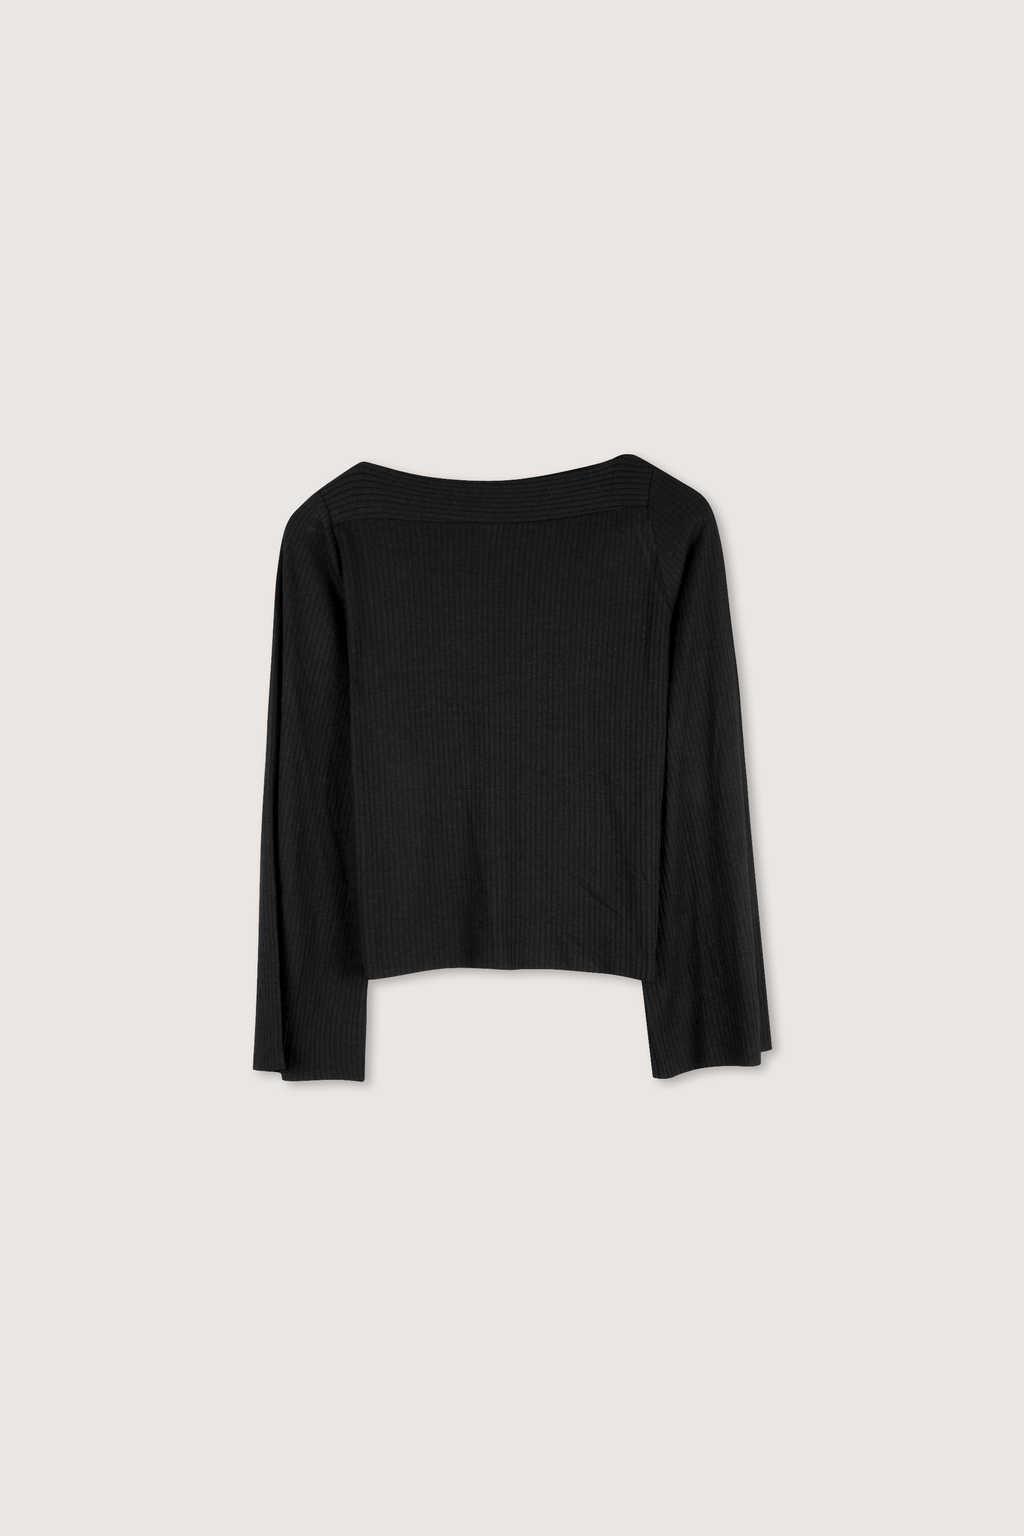 TShirt H463 Black 5